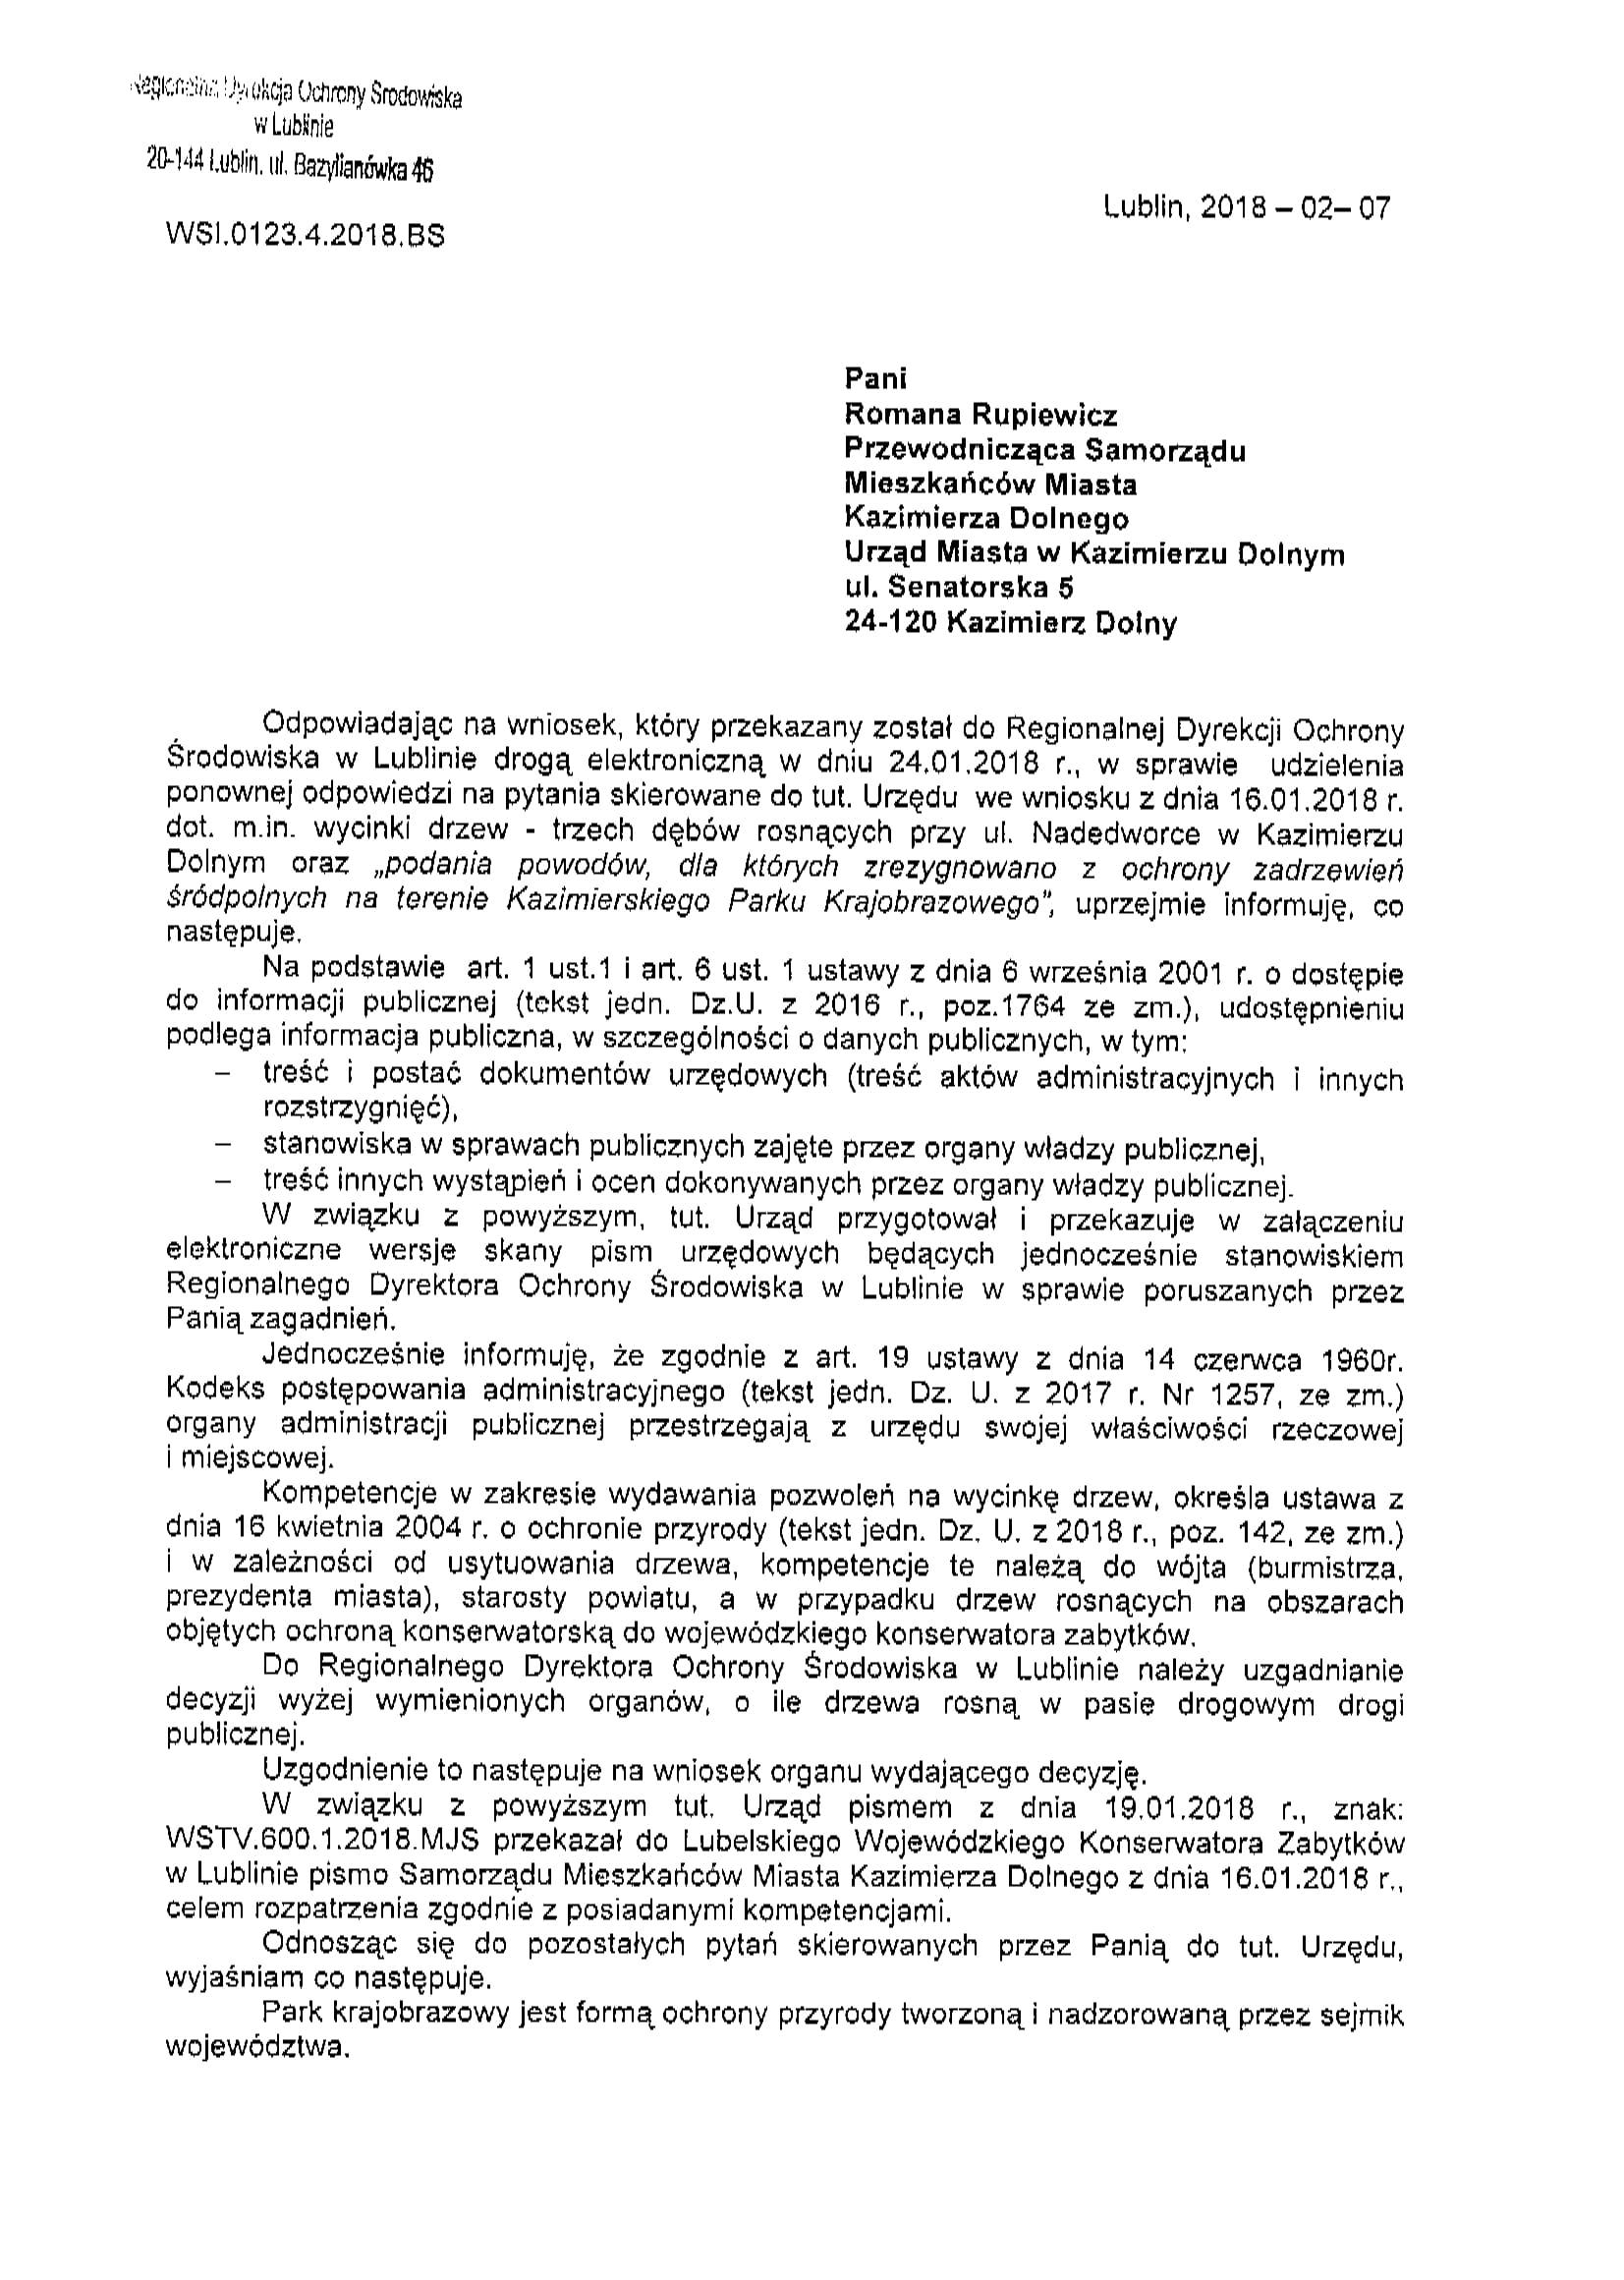 pismo WSI.0123.4.2018 1